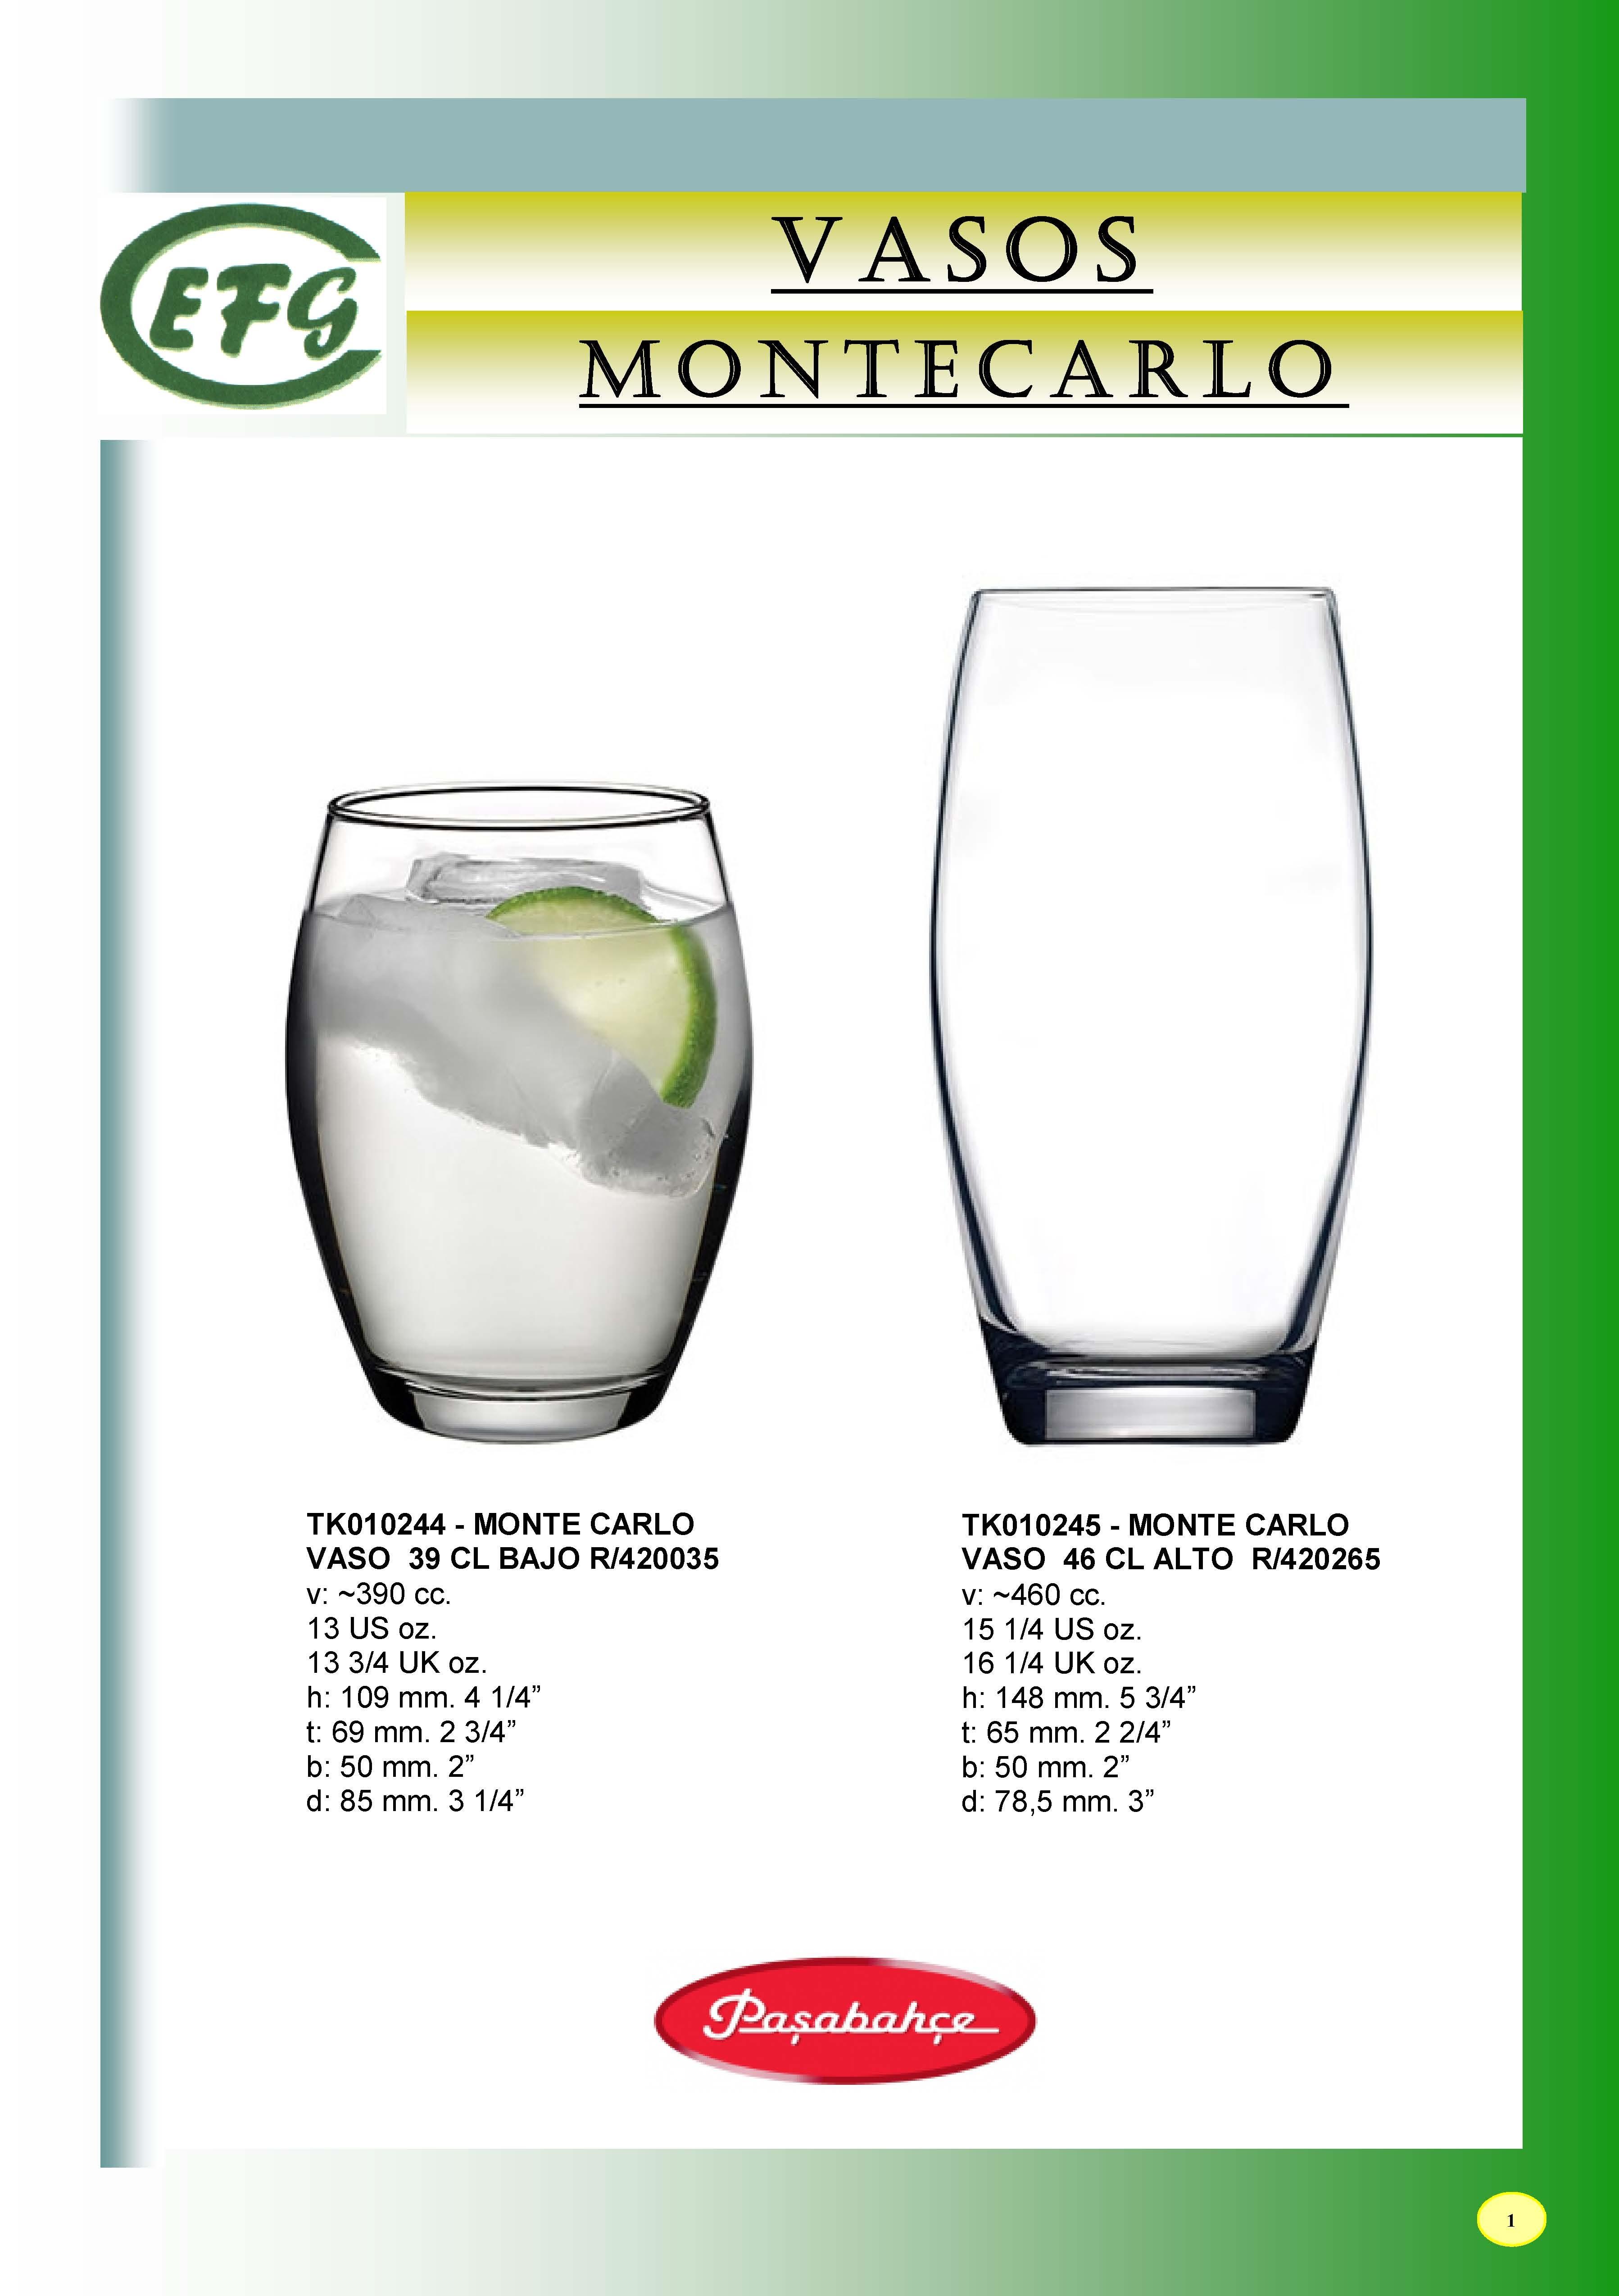 MONTE CARLO VASO 46 CL ALTO R/420265